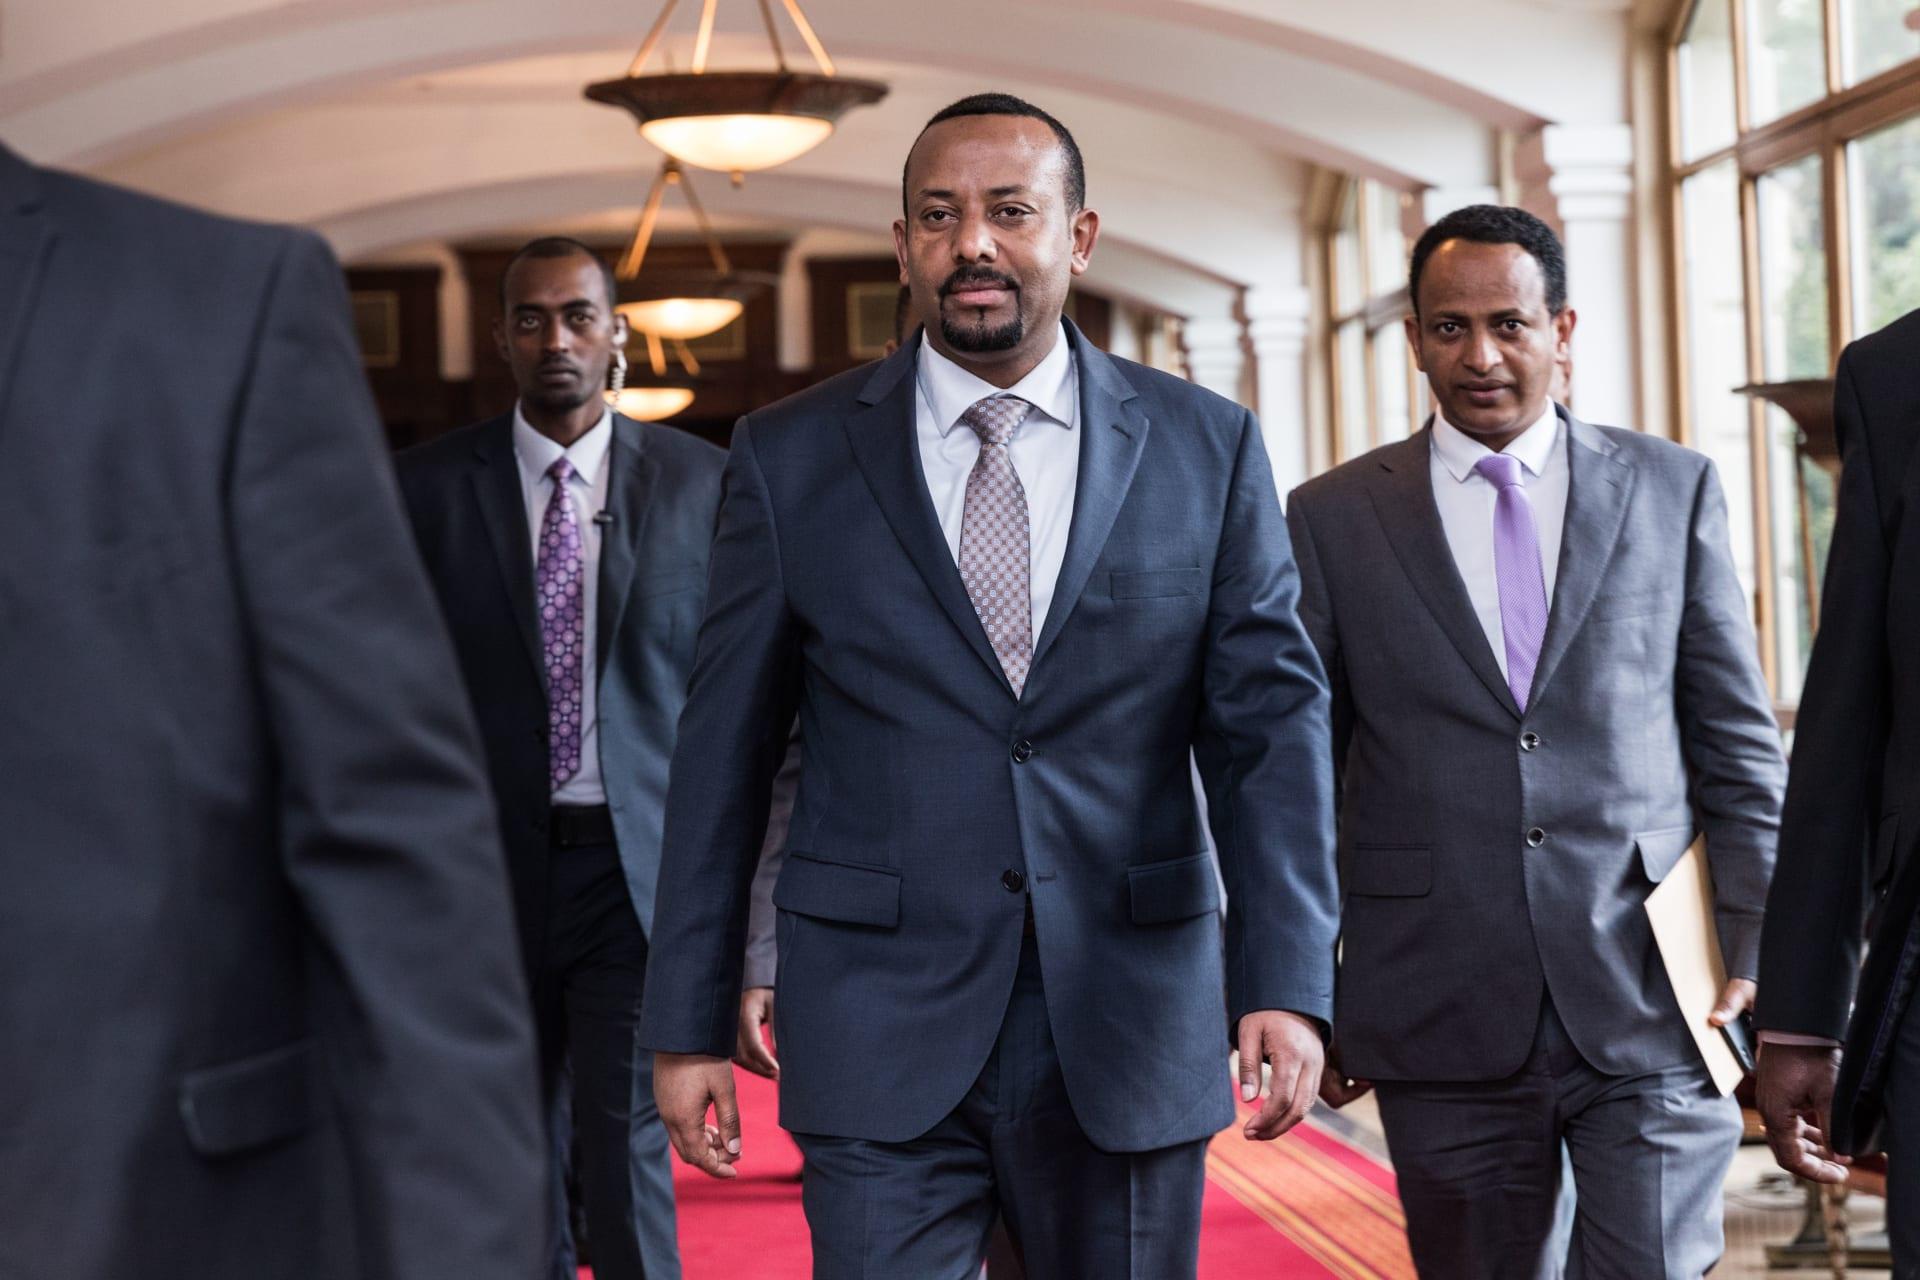 رئيس وزراء إثيوبيا لم يصب بانفجار خلال مسيرة تأييد بالعاصمة